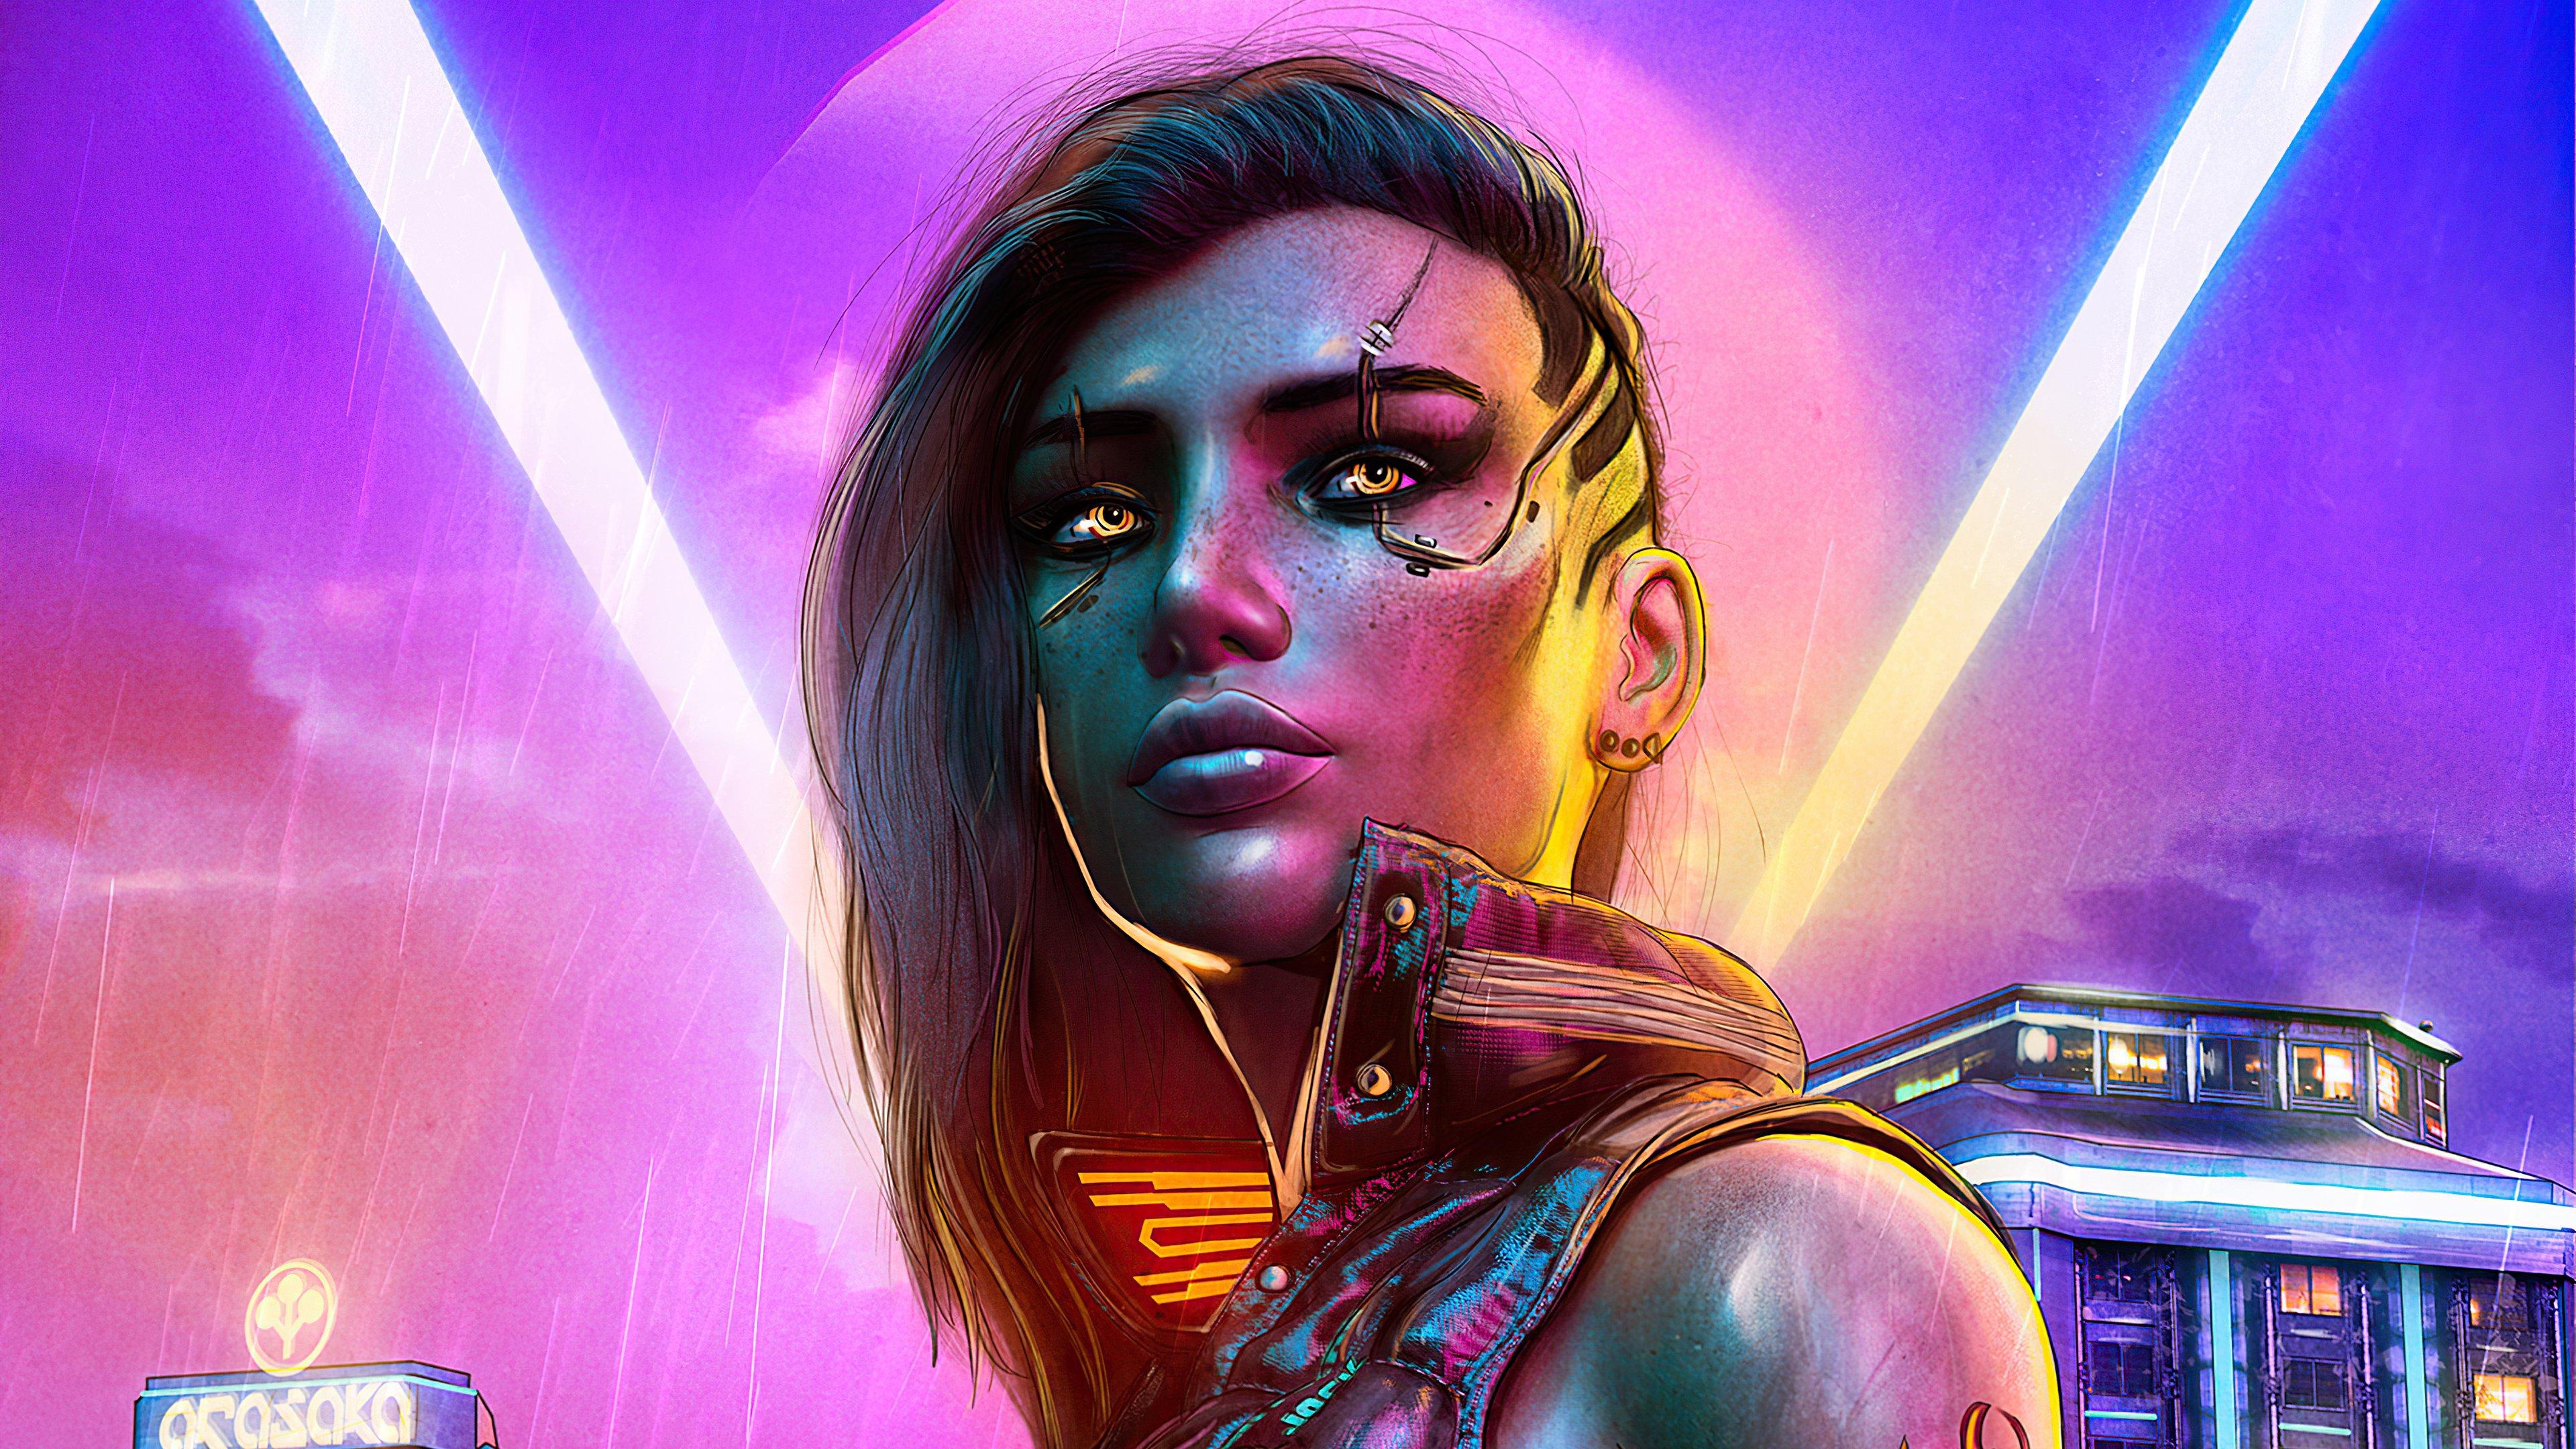 Fondos de pantalla Chica Estilo Cyberpunk 2077